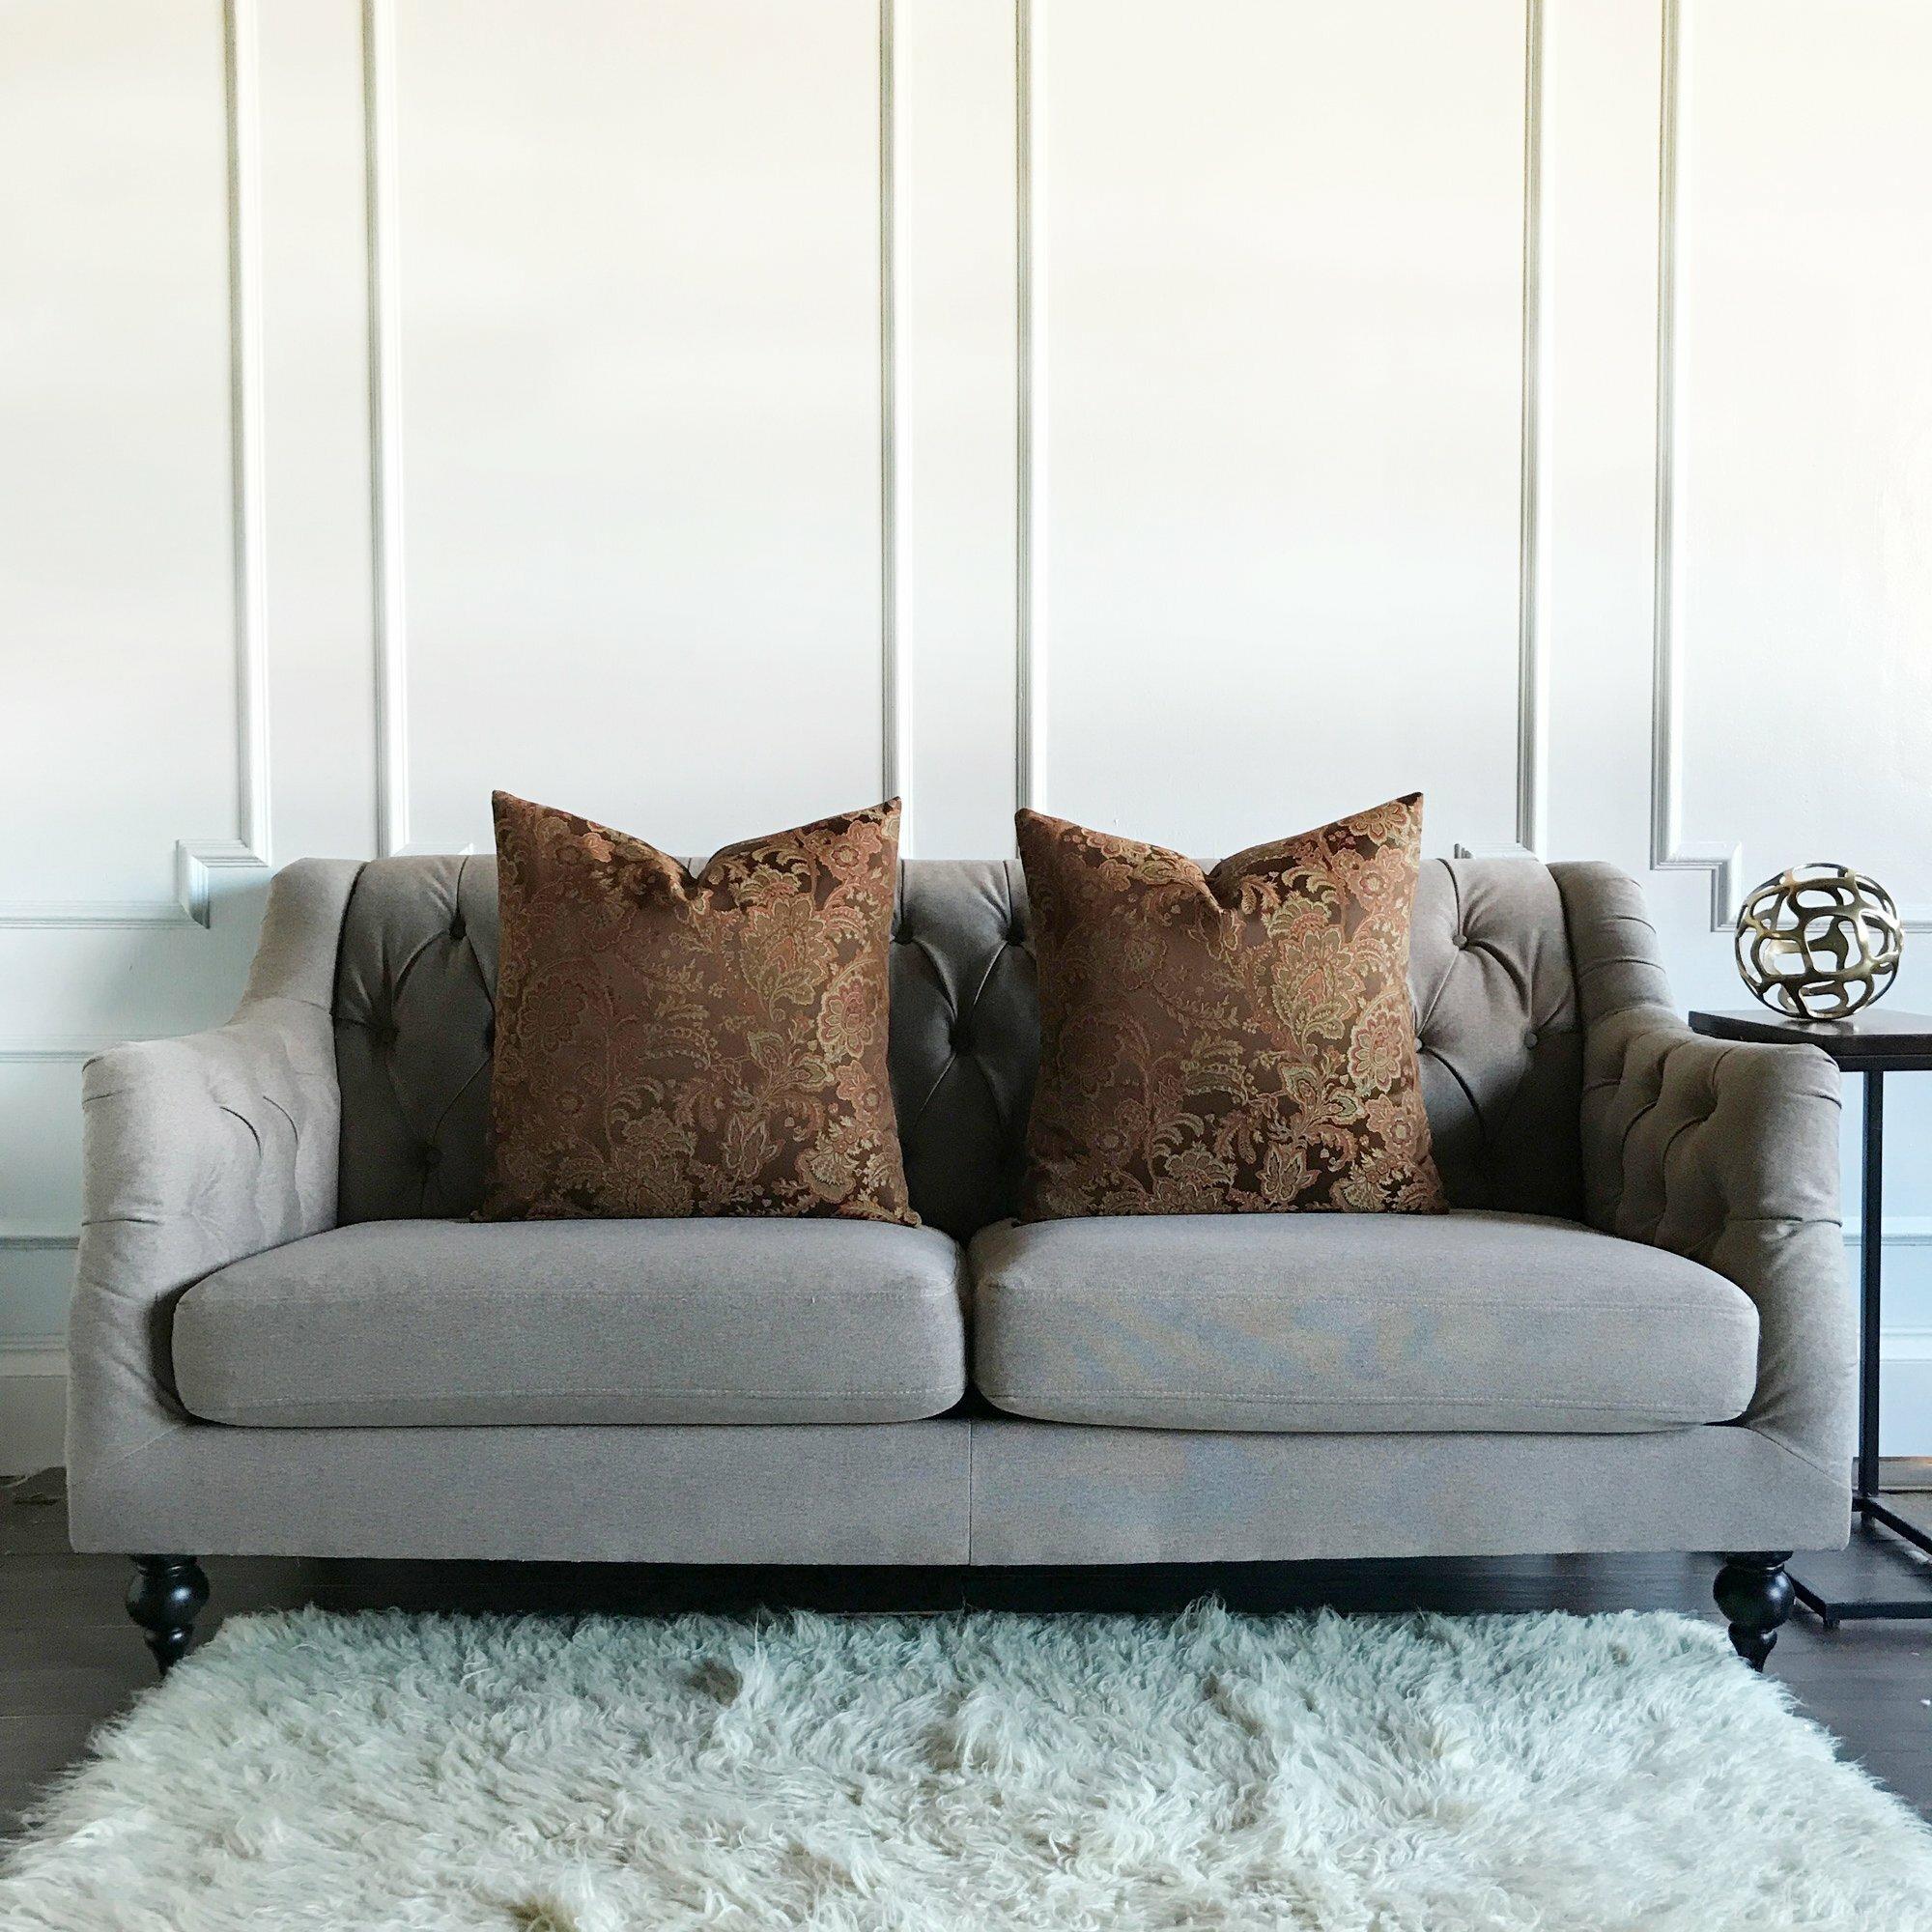 Fleur De Lis Living Chabot Floral Jacquard Luxury Woven Decorative Pillow Cover